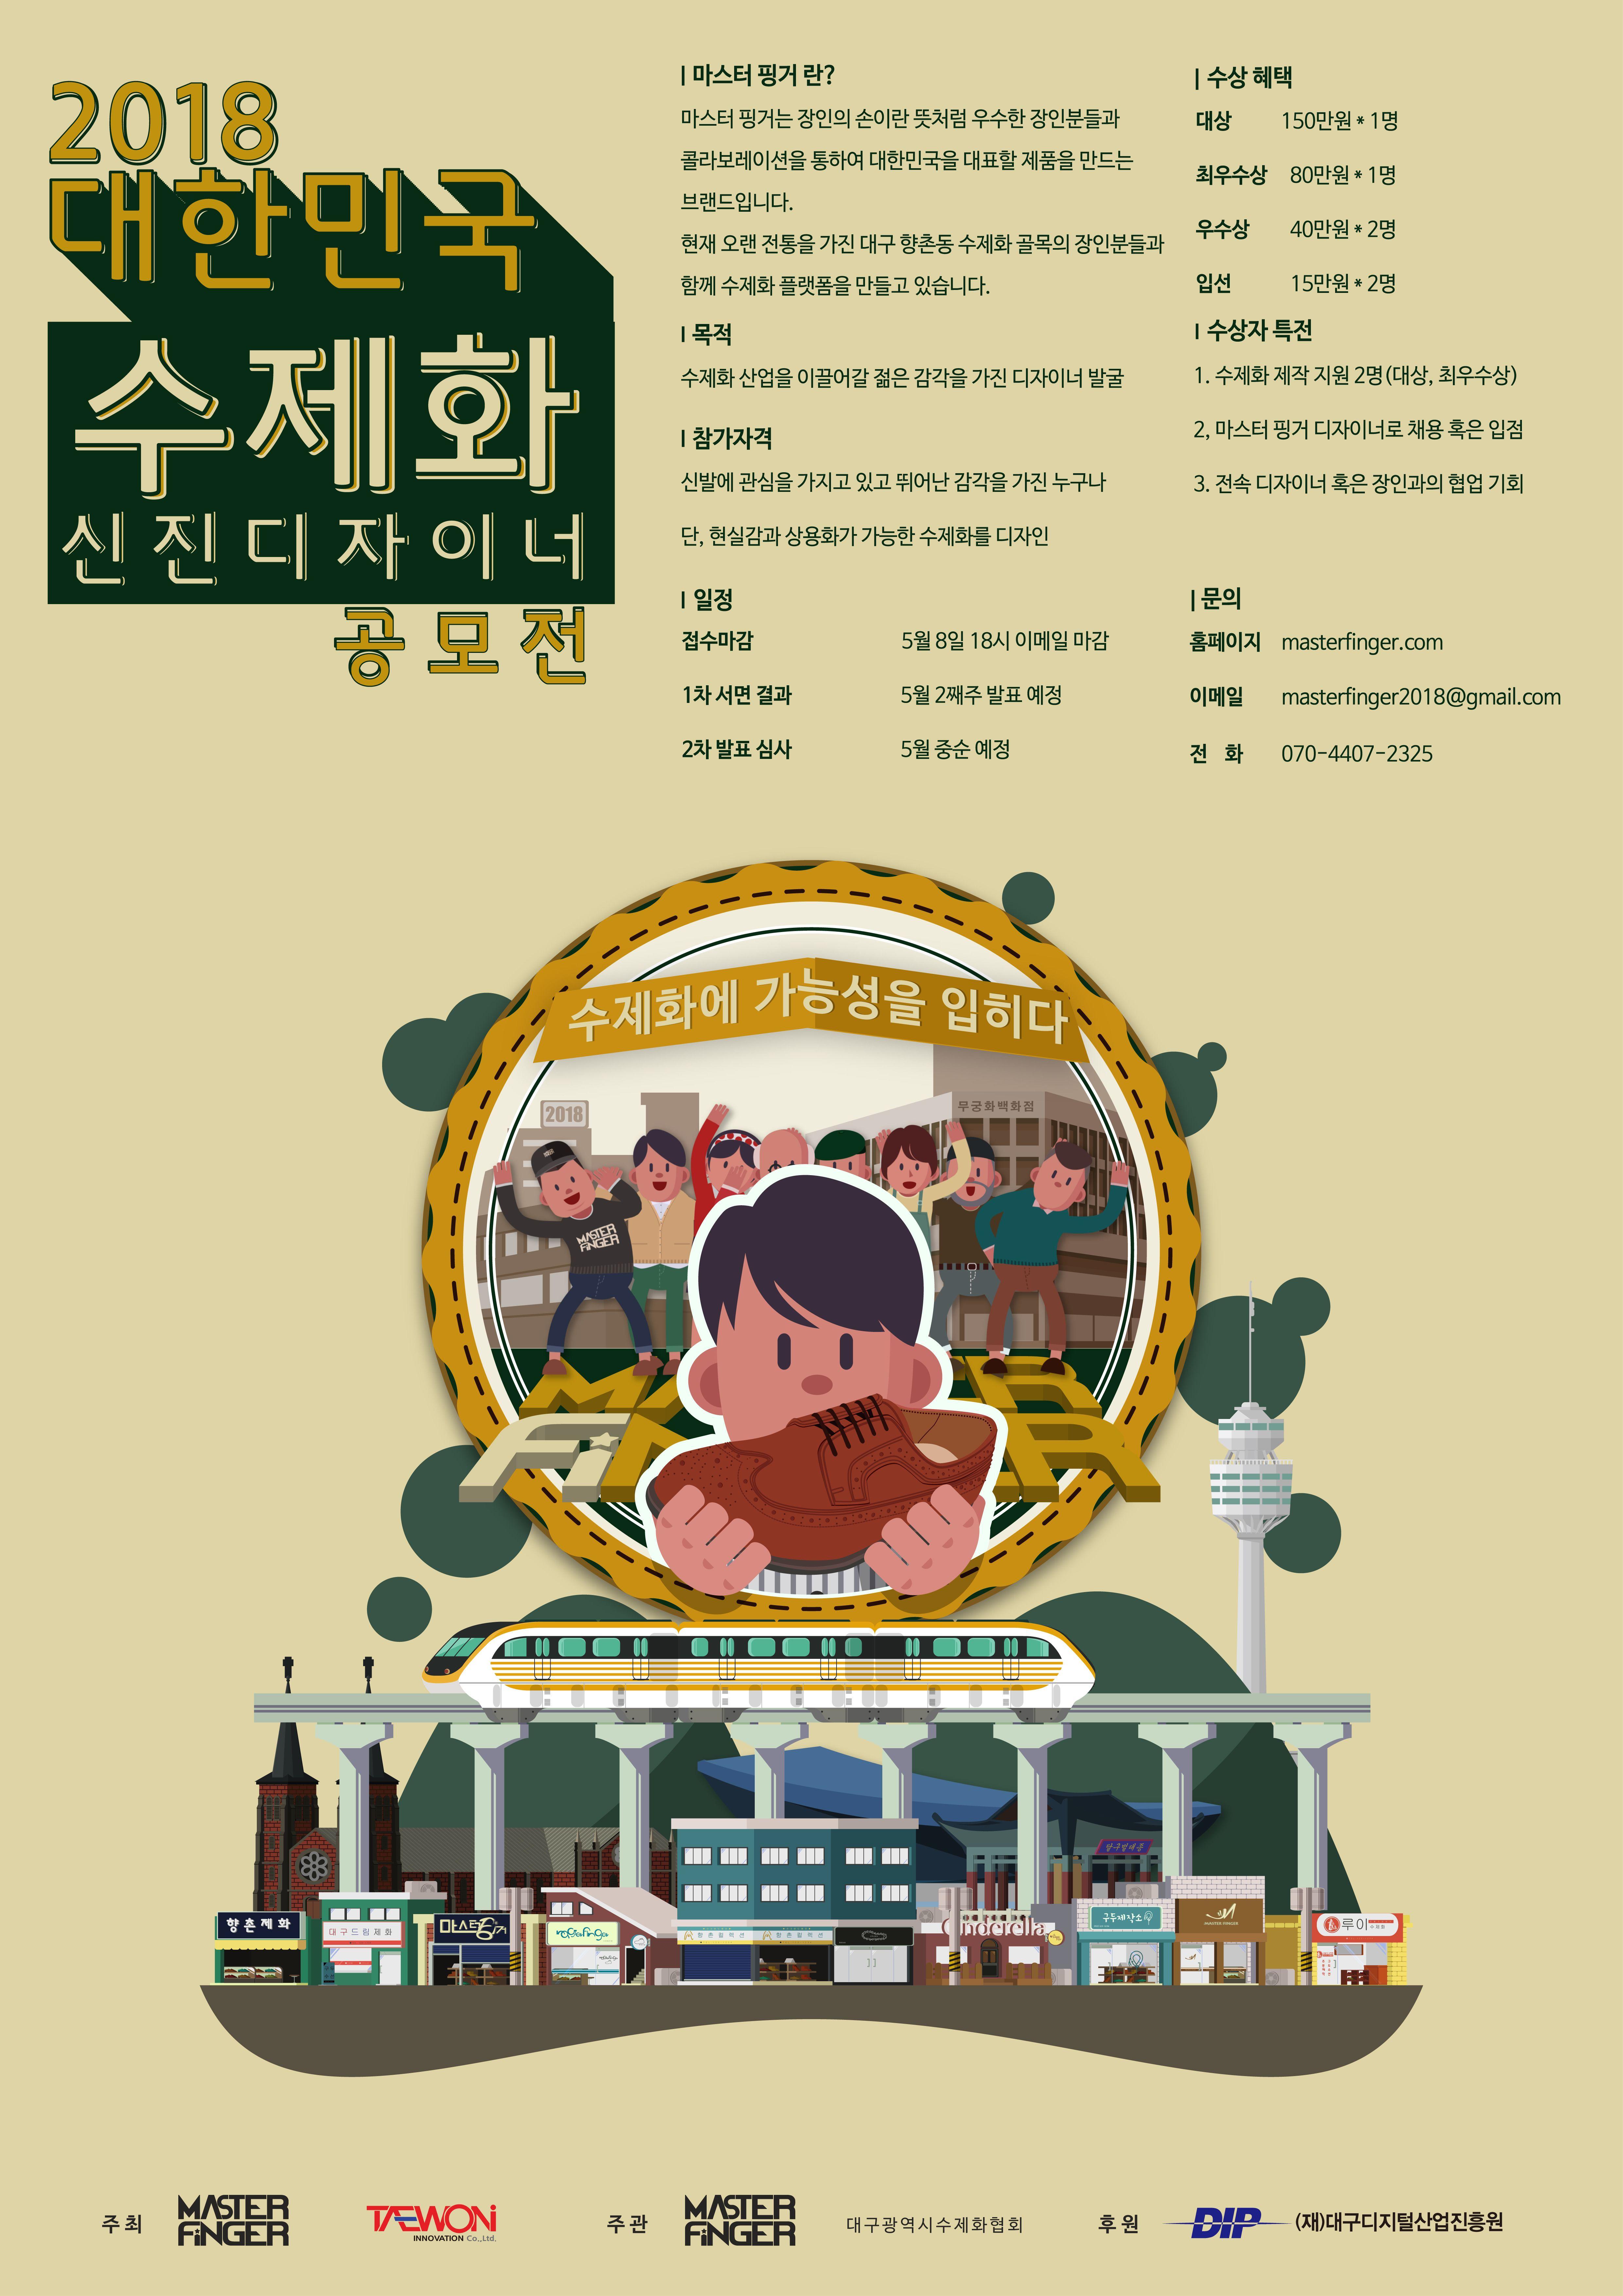 [(주)태원이노베이션] 2018 대한민국 수제화 신진 디자이너 공모전